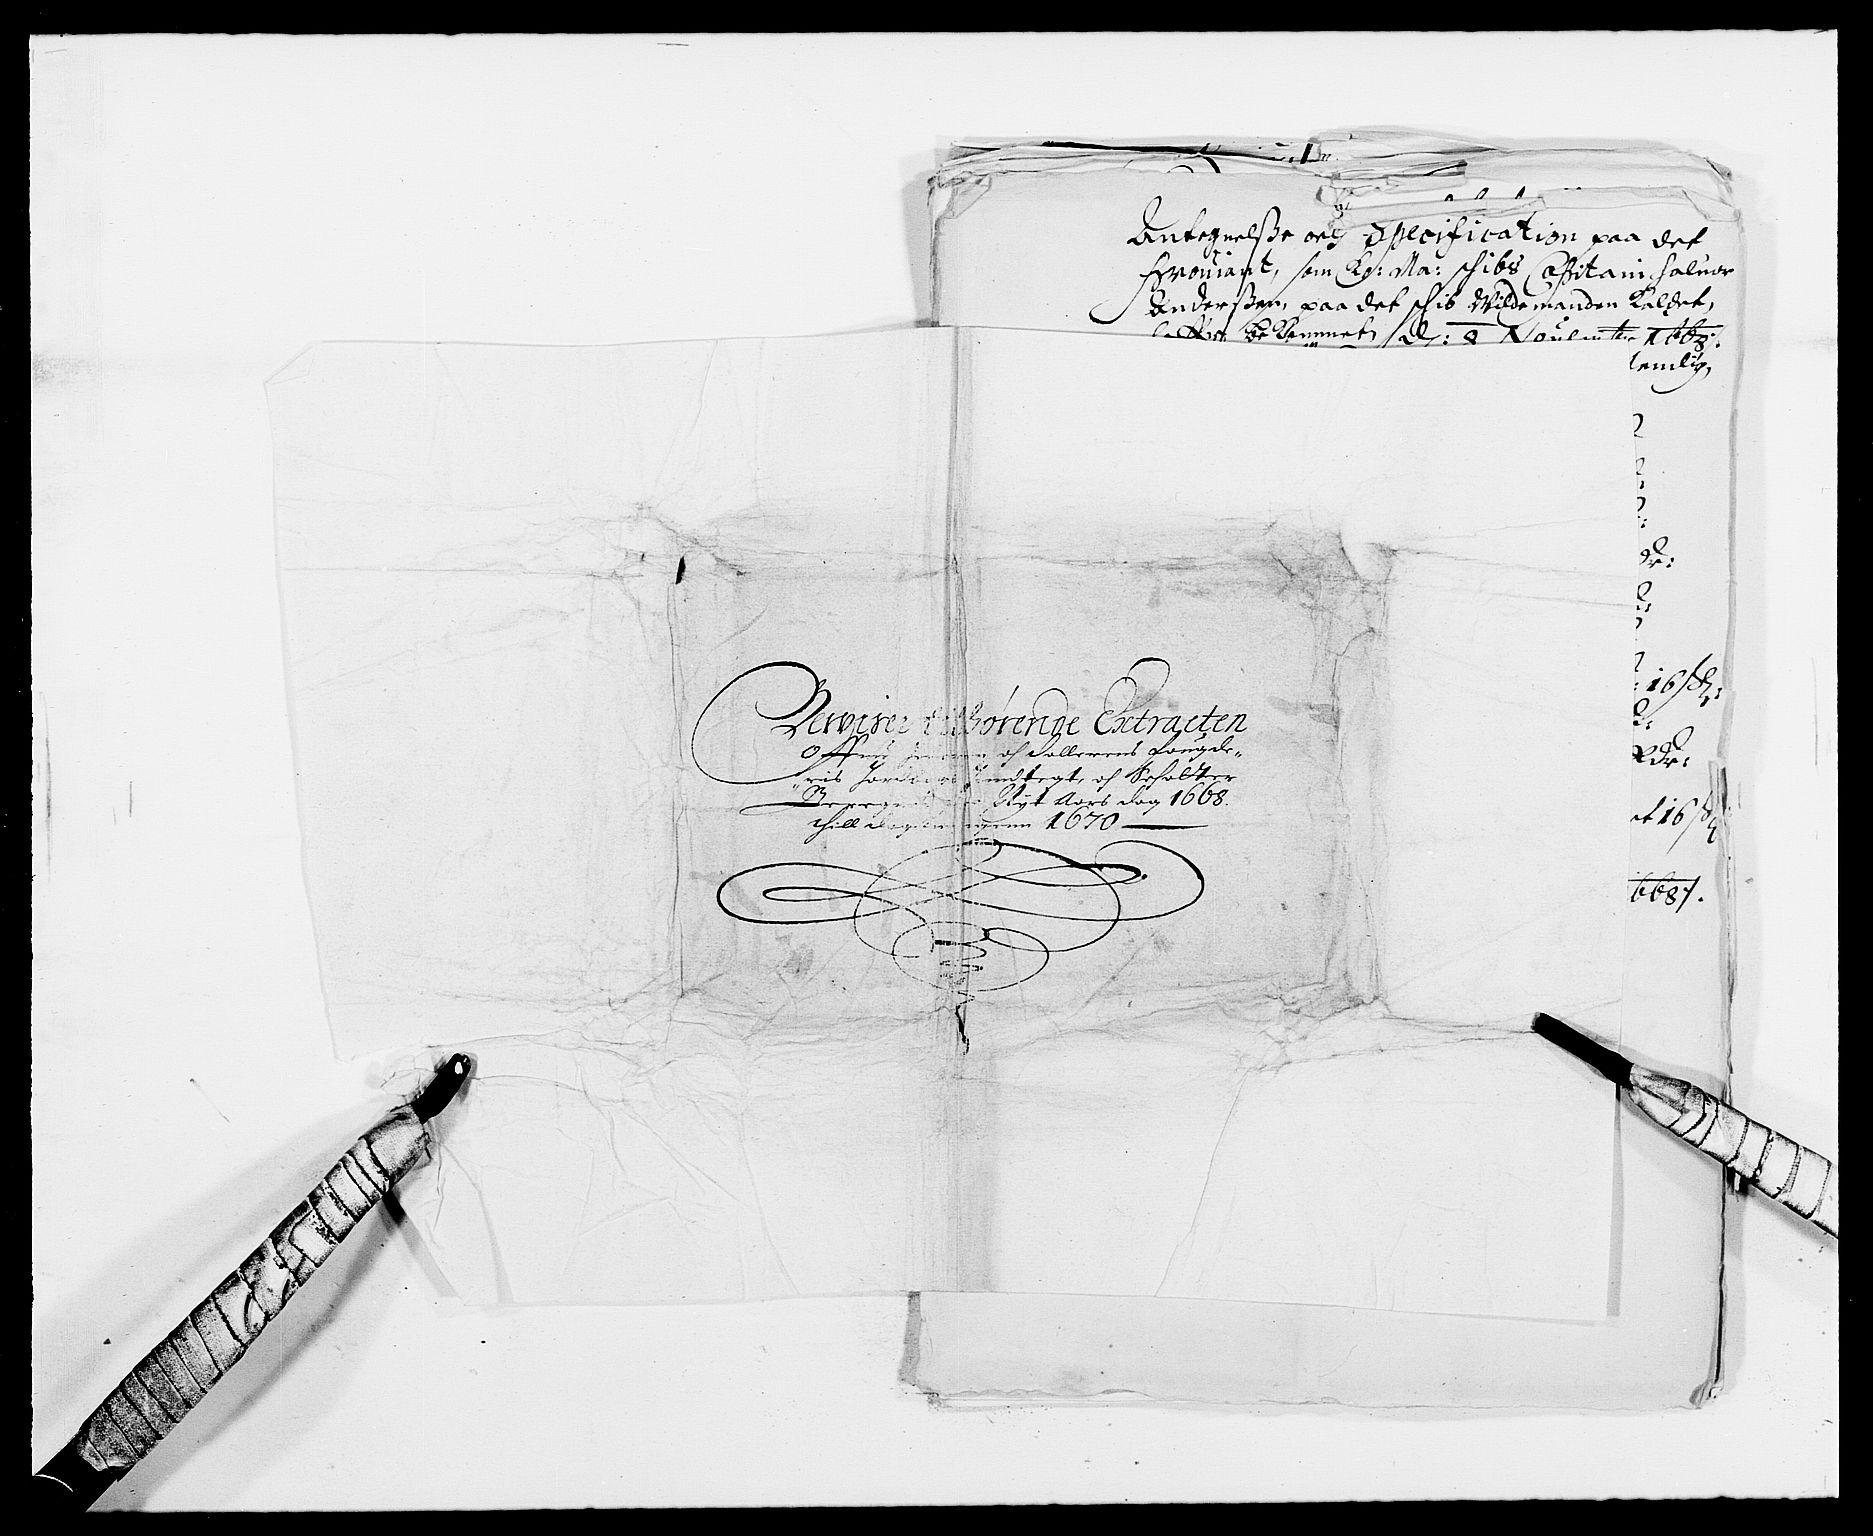 RA, Rentekammeret inntil 1814, Reviderte regnskaper, Fogderegnskap, R46/L2711: Fogderegnskap Jæren og Dalane, 1668-1670, s. 419